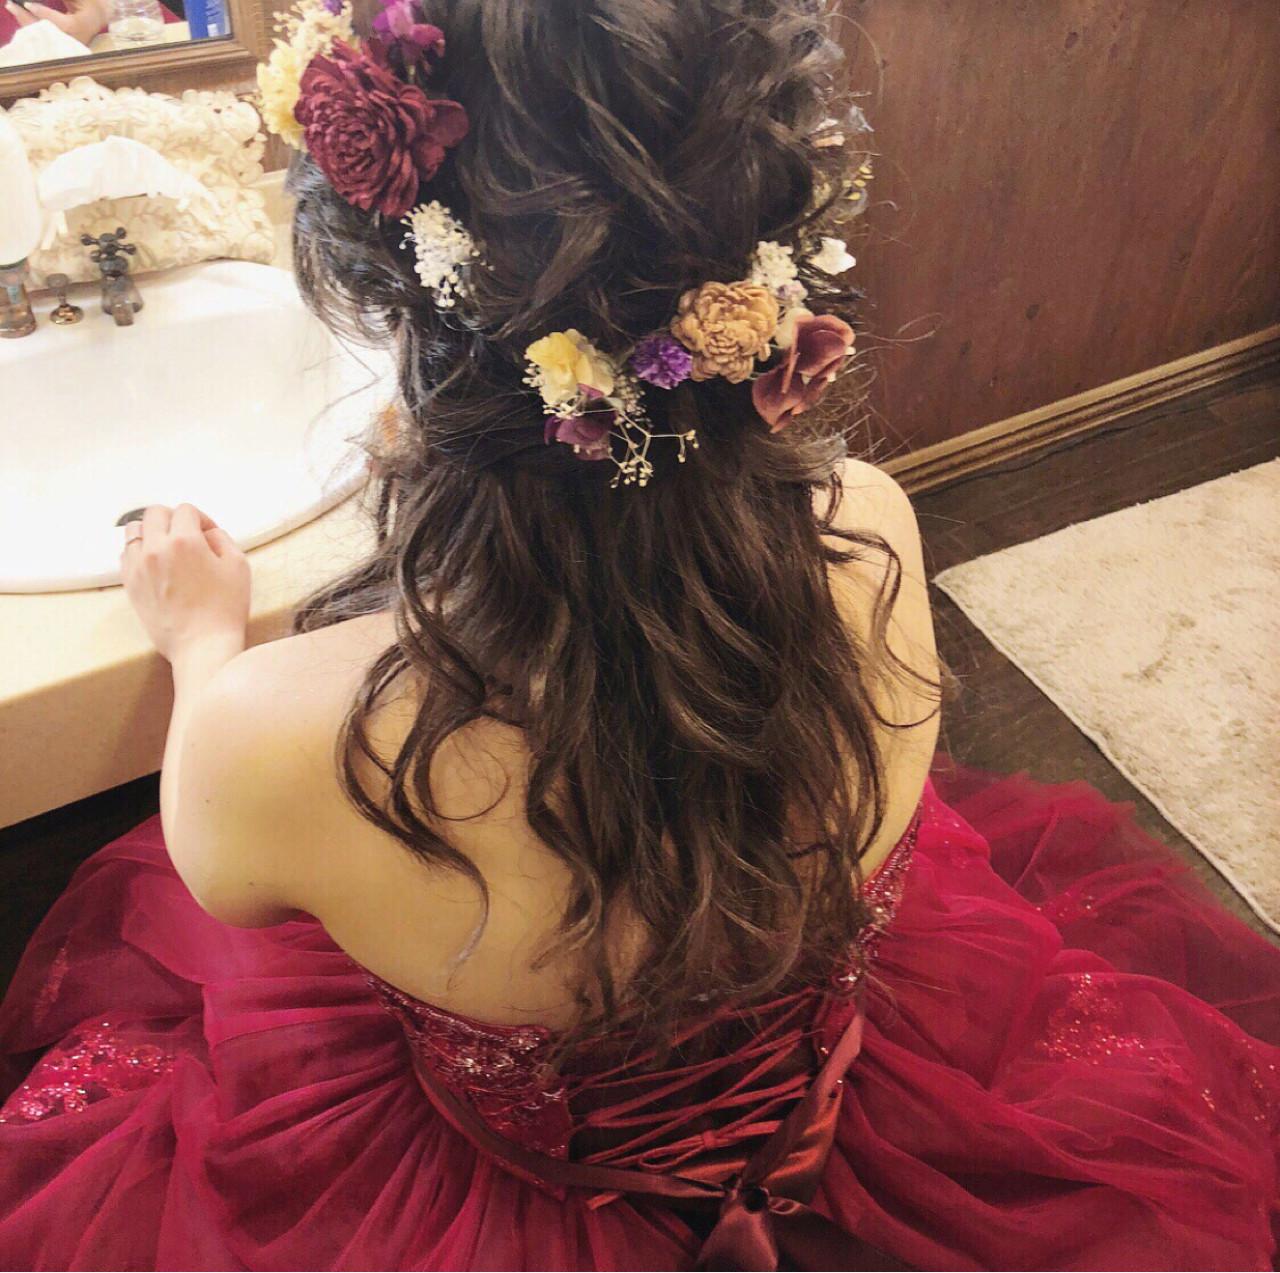 ドレスの色と合わせて統一感を出して tomoya tamada